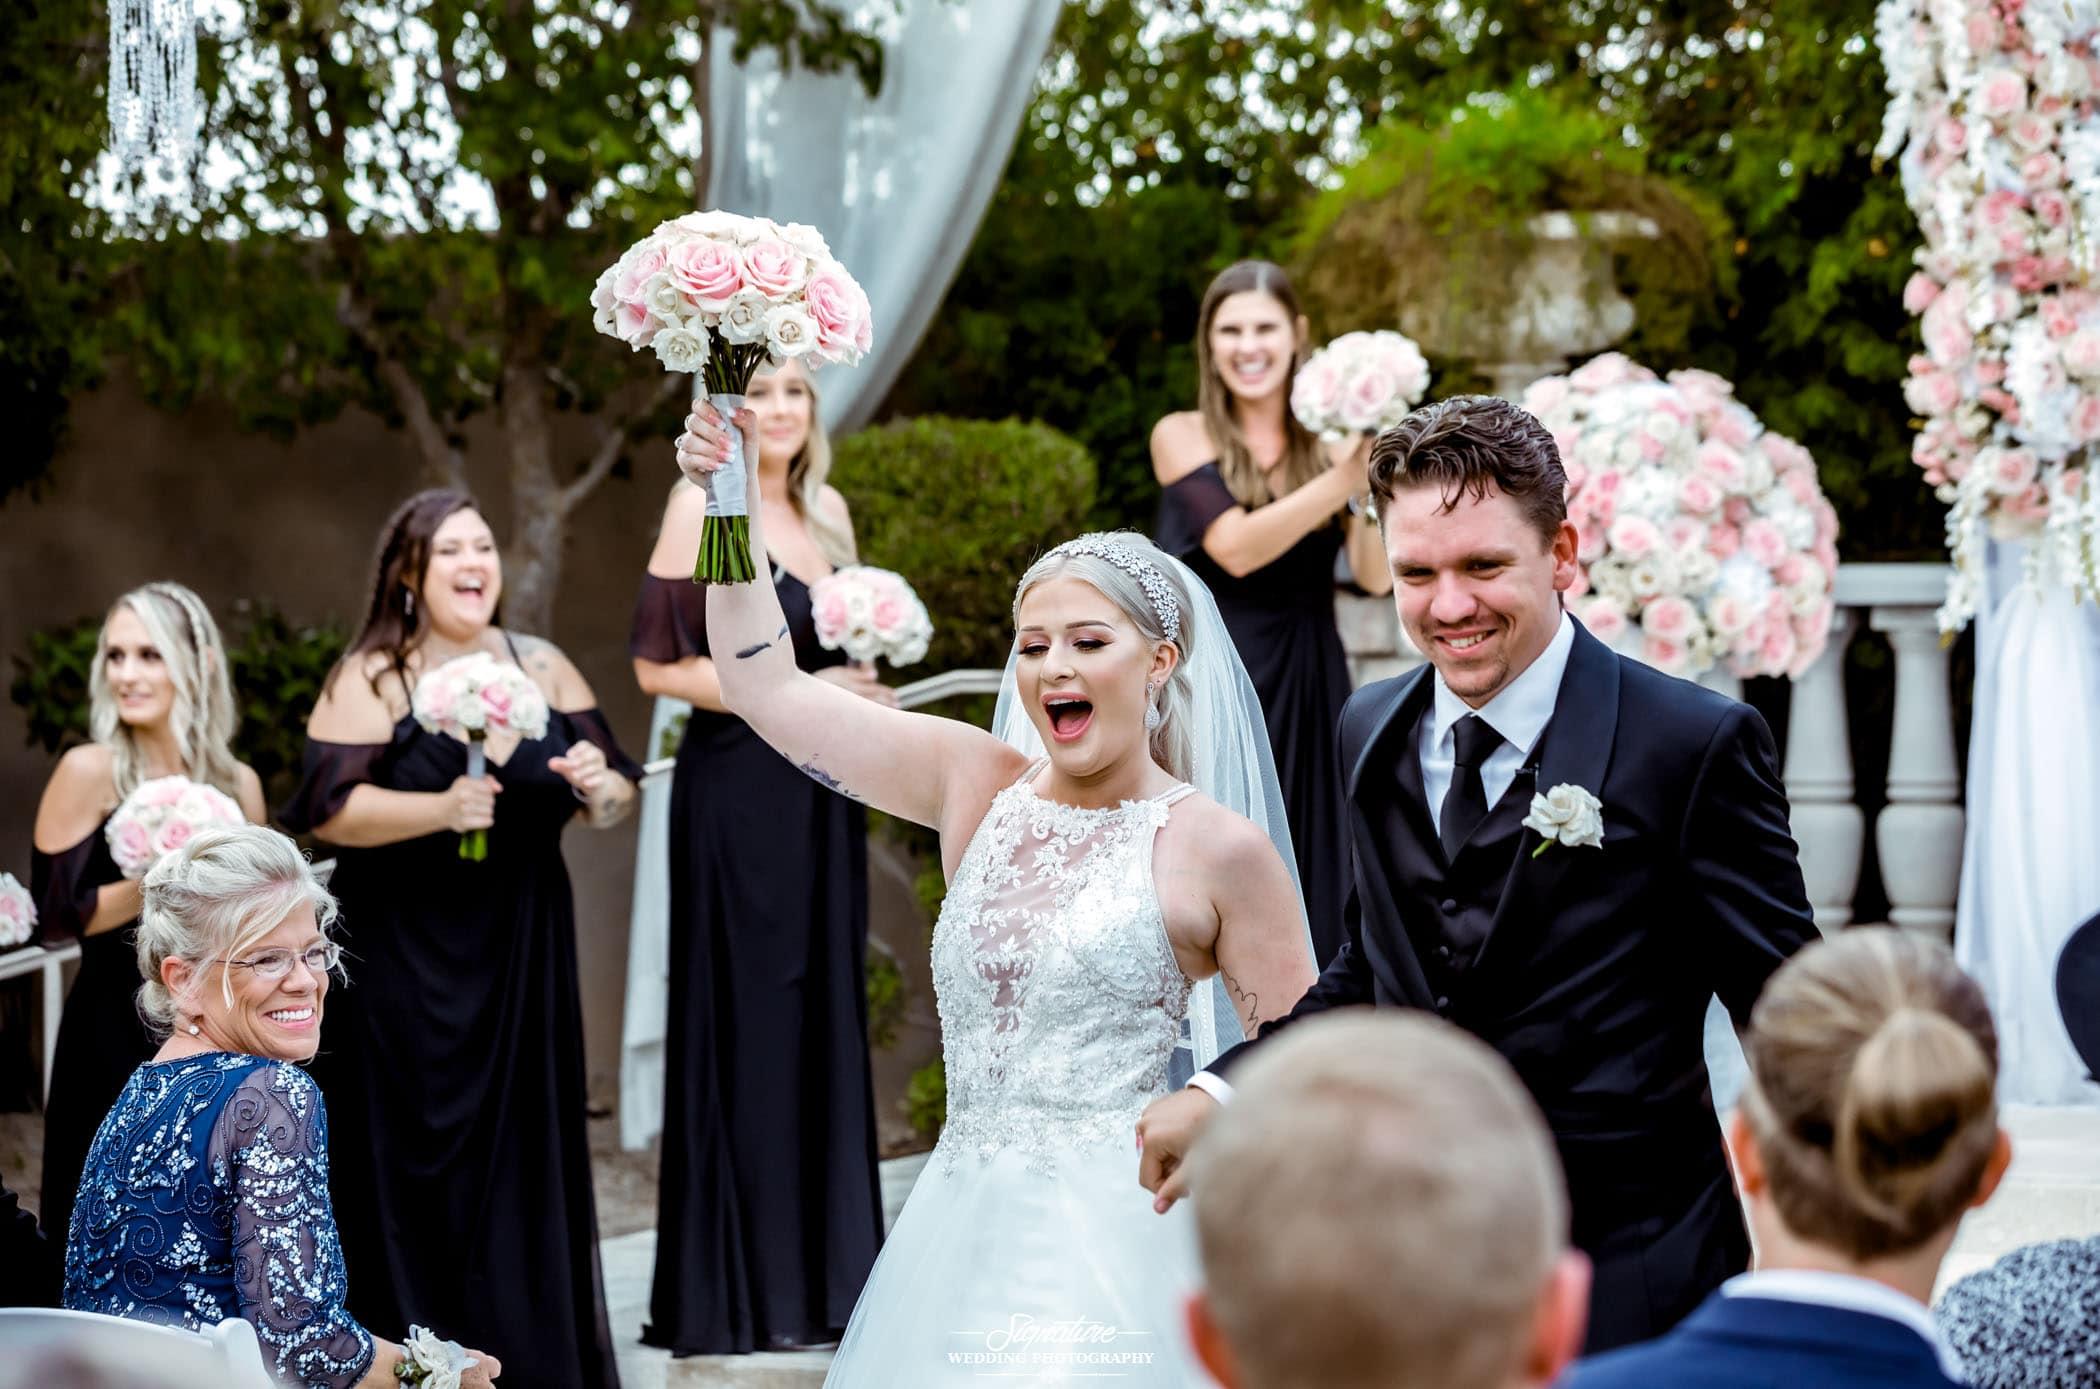 wedding ceremony photos 19